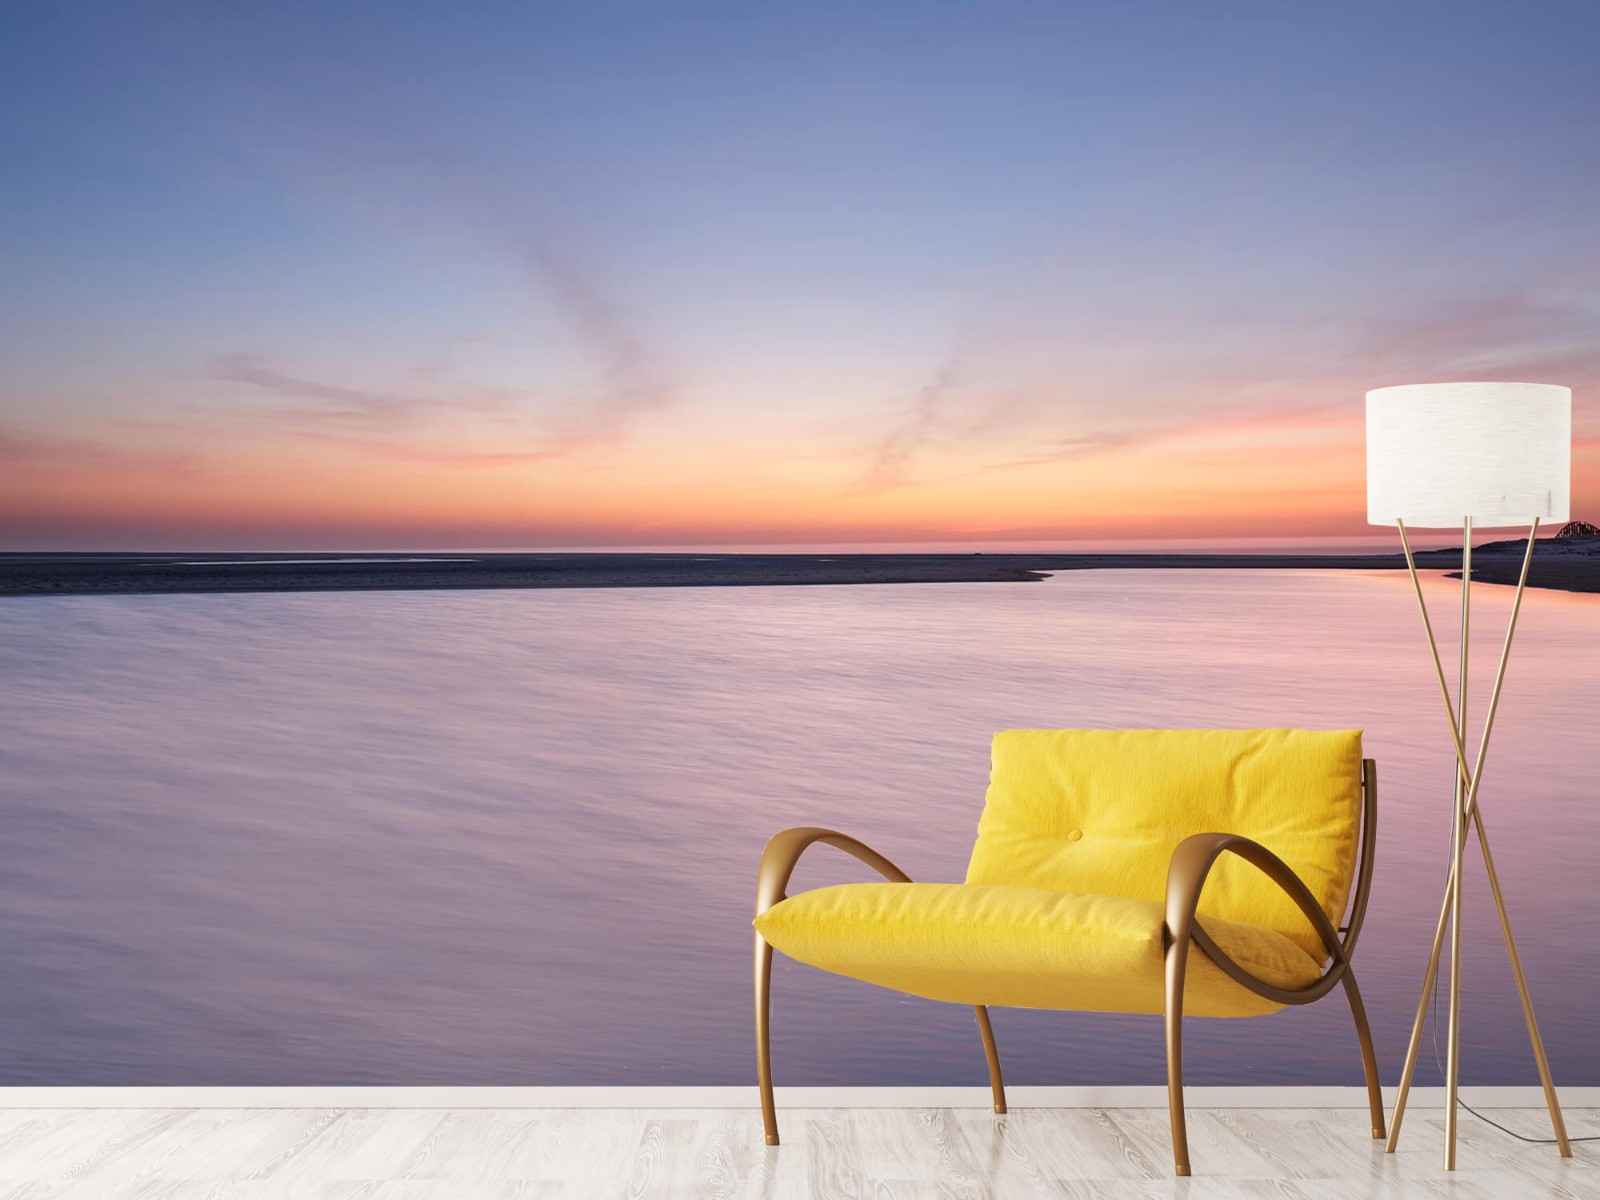 Zeeën en Oceanen - Zonsondergang aan zee - Slaapkamer 10